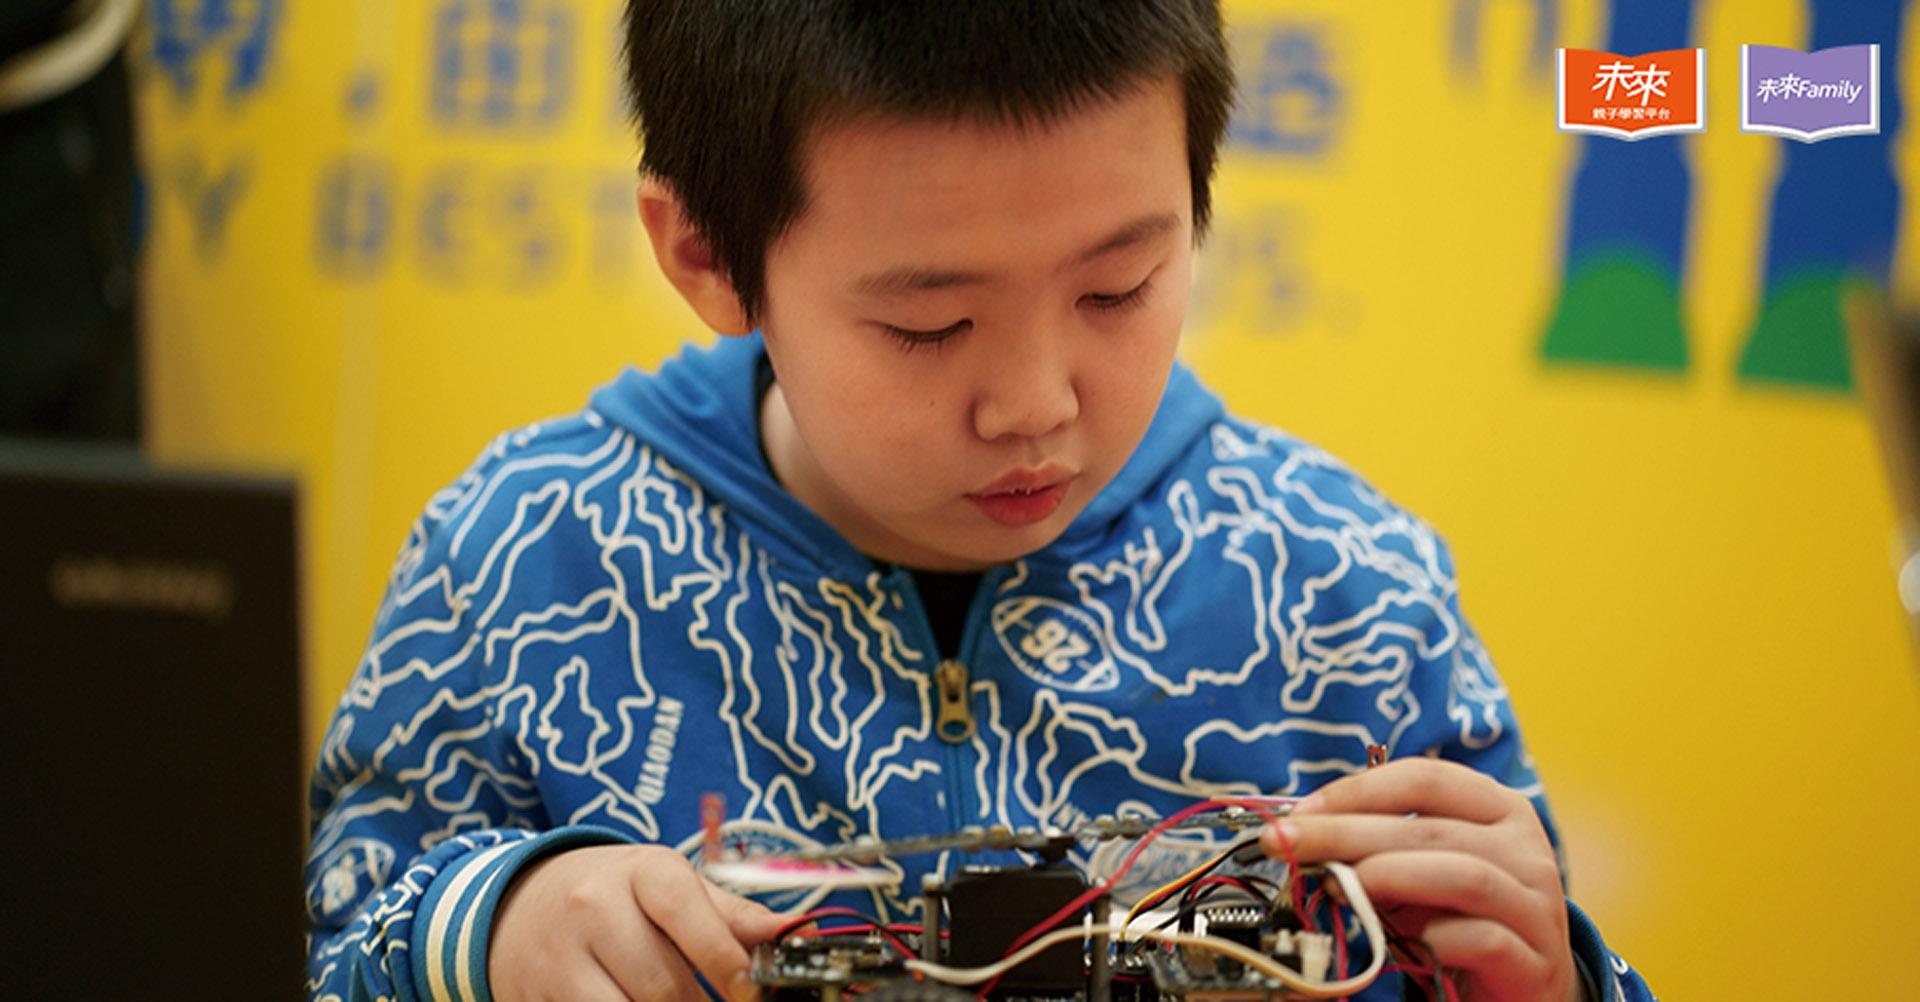 全北京最優秀的學生有七成都在這補習!中國「學霸補習班」這樣複製菁英教育